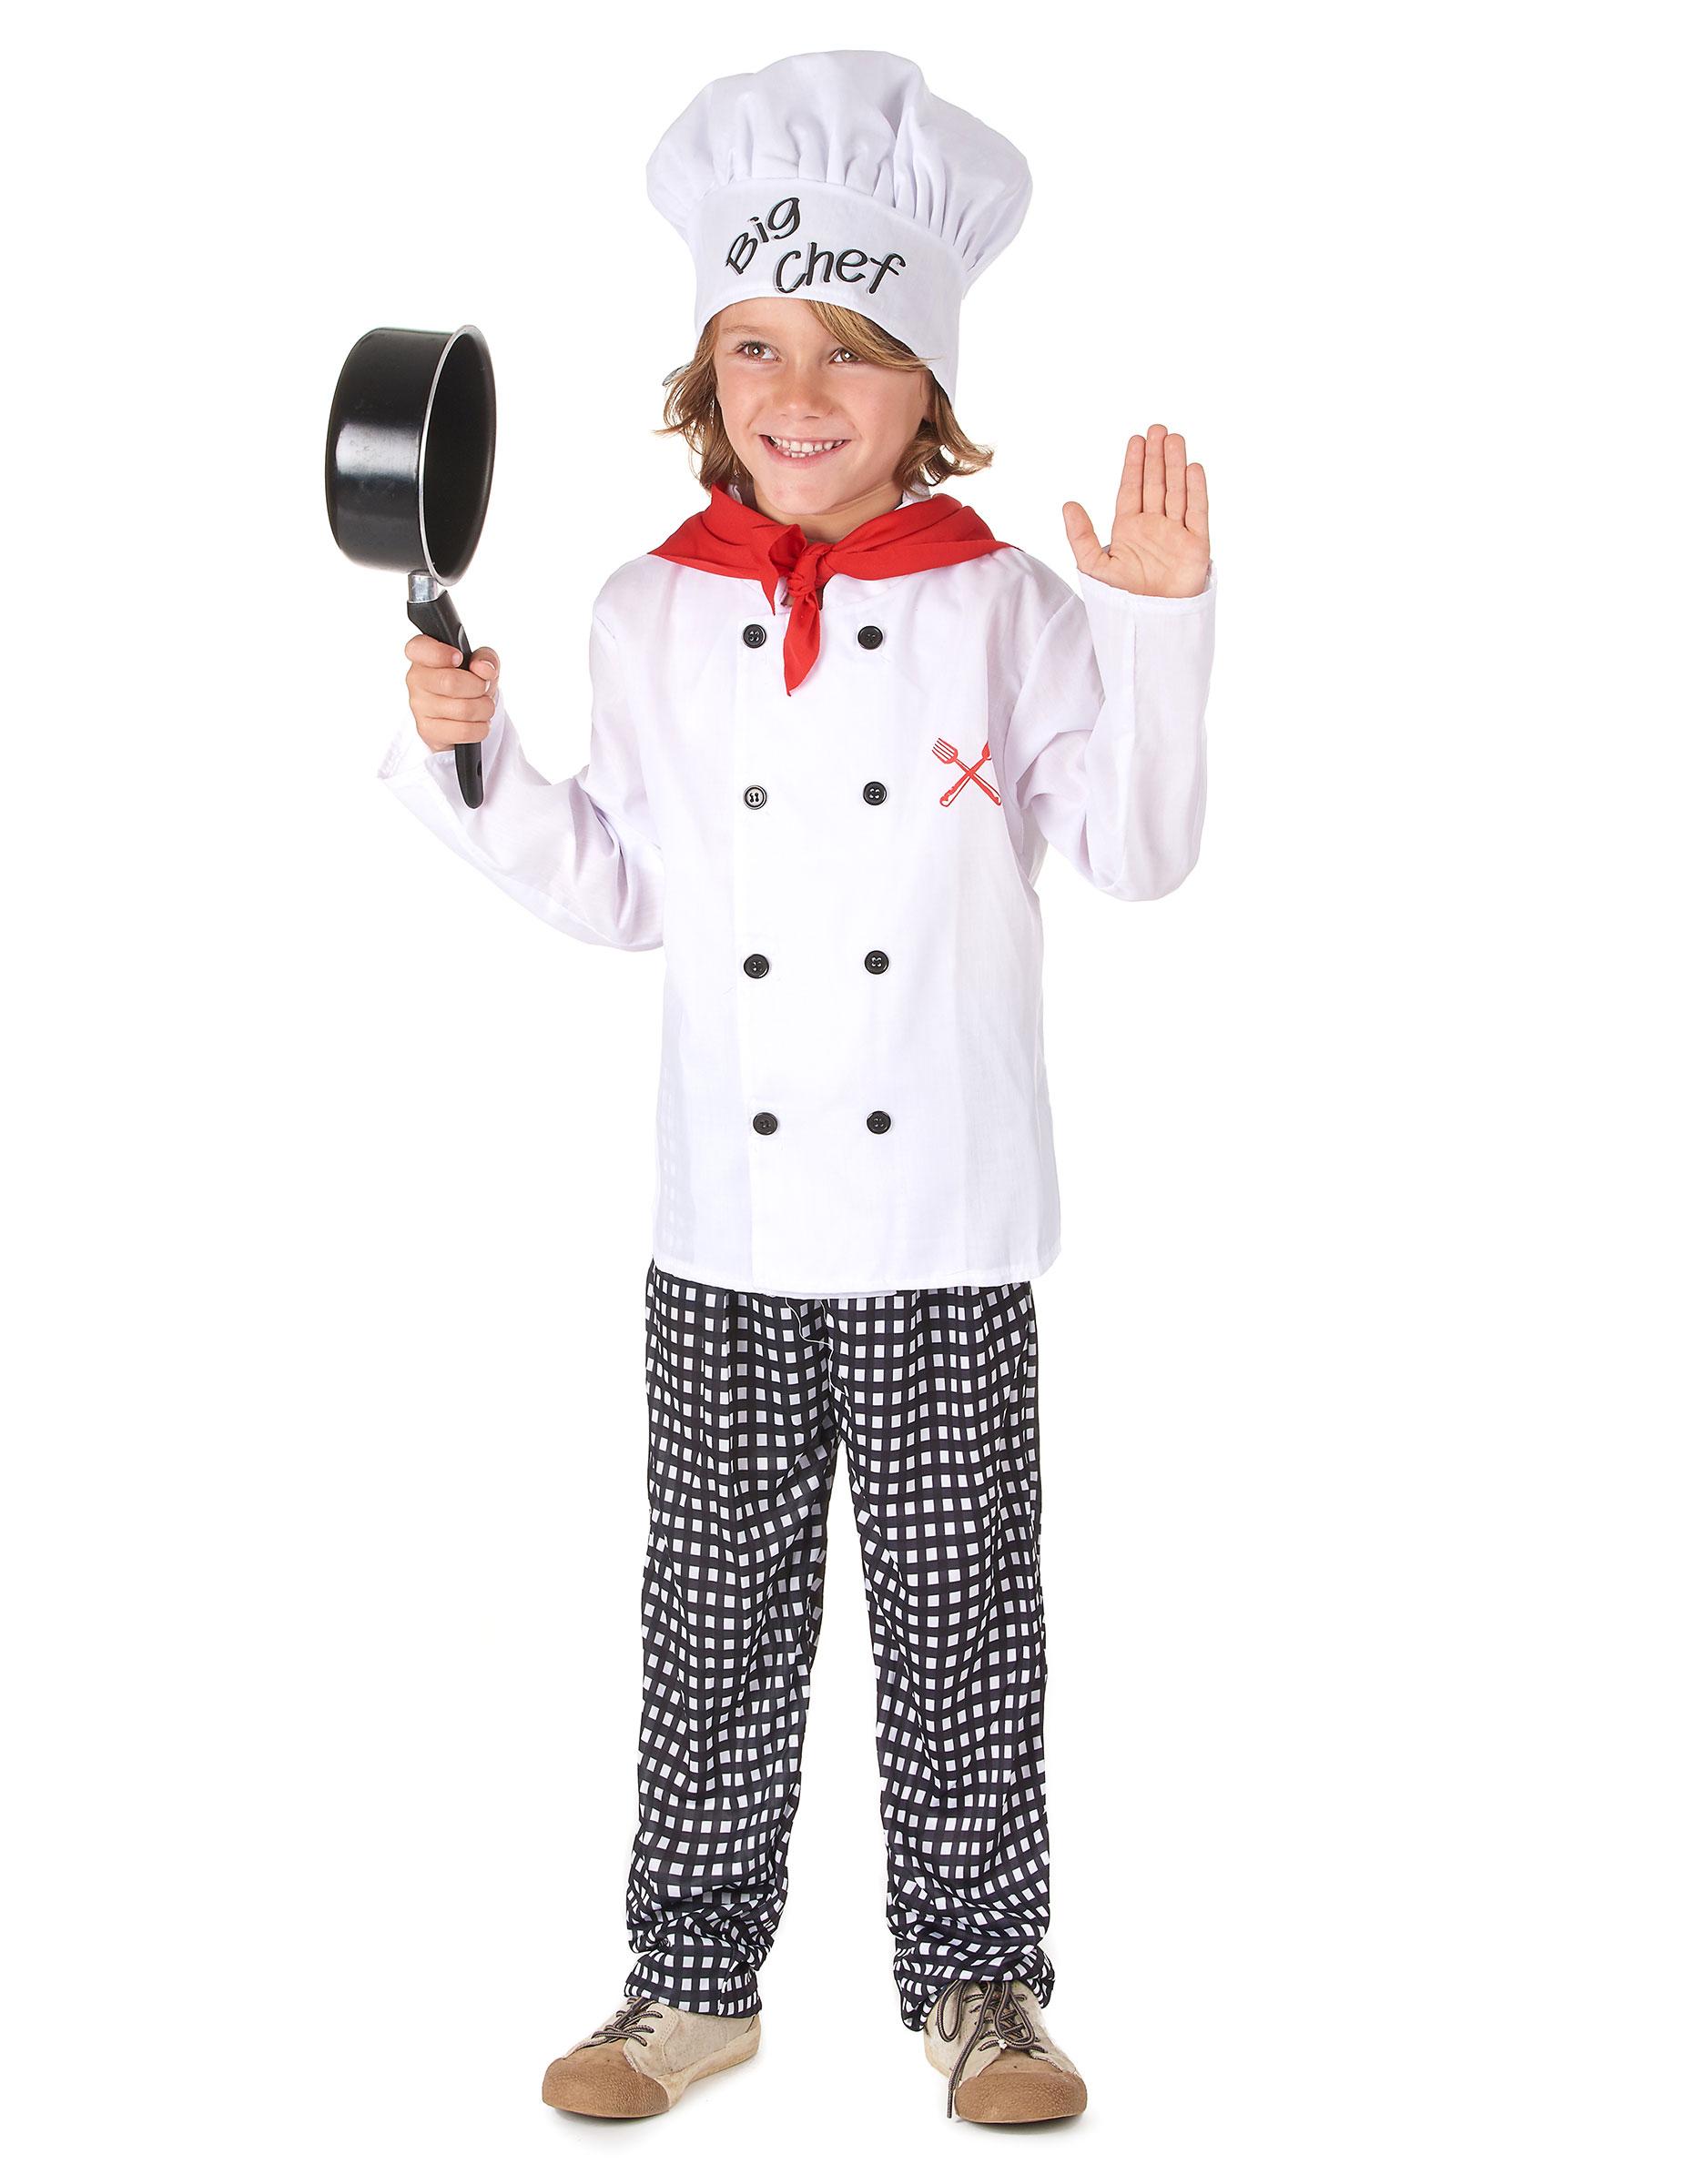 Chefkoch Kostüm Für Jungen: Kostüme Für Kinder,und